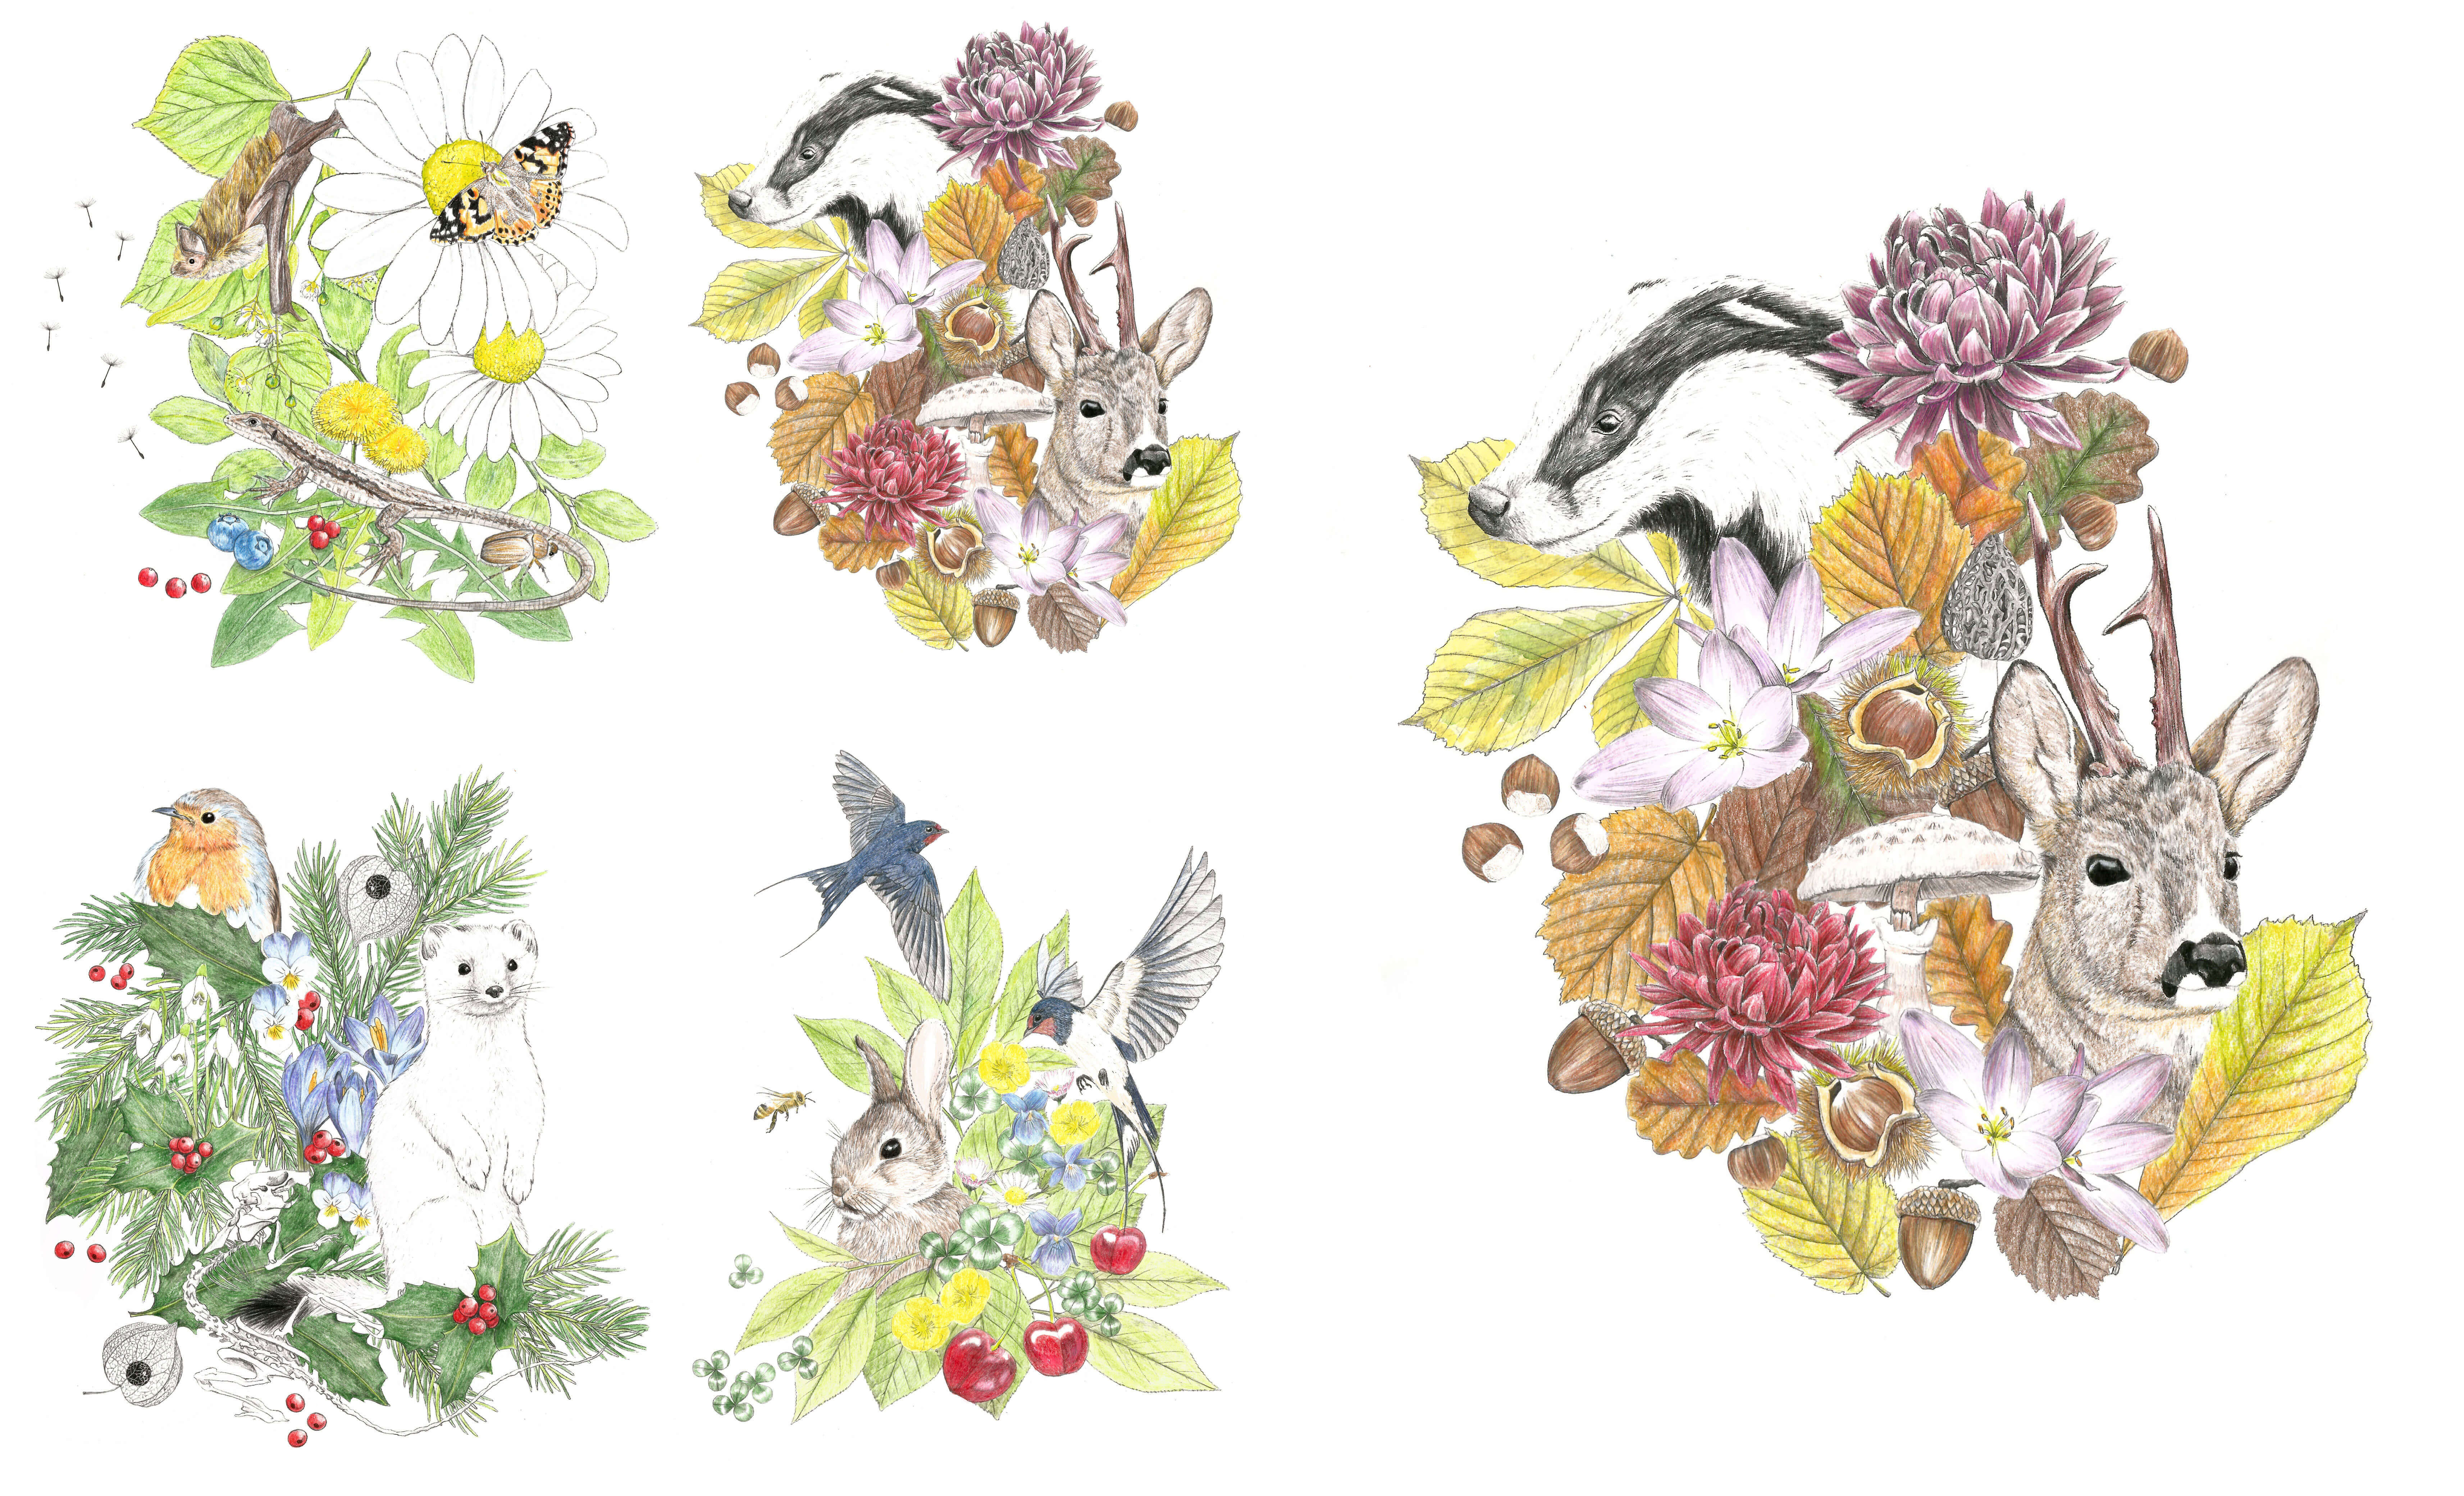 Illustrations animalière et botanique des saisons, automne, hiver, printemps été, animaux et végétations